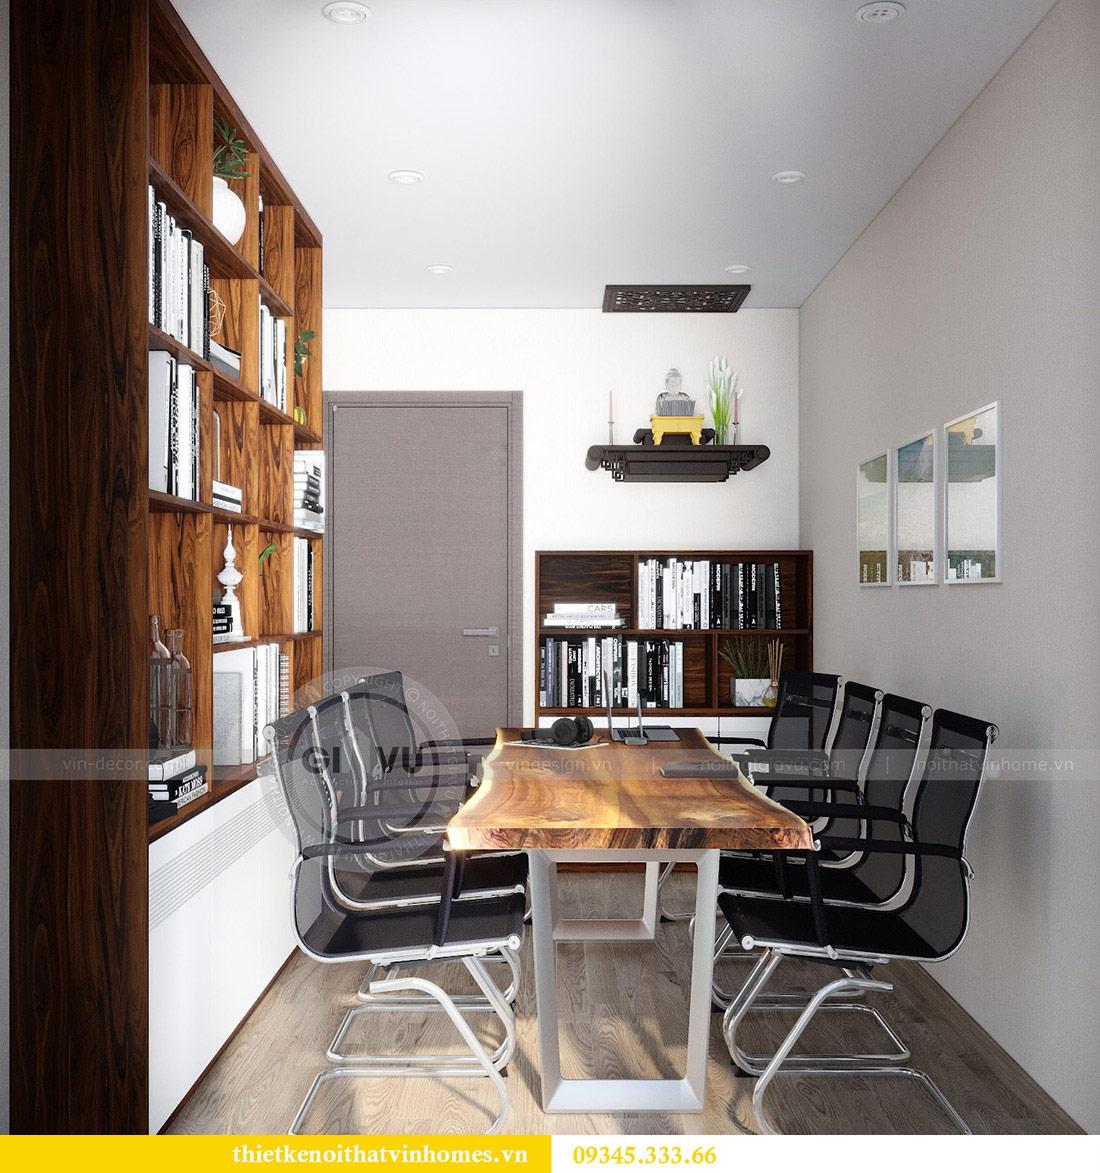 Thiết kế nội thất căn hộ chung cư Metropolis tòa M2 11 nhà anh Thắng 14